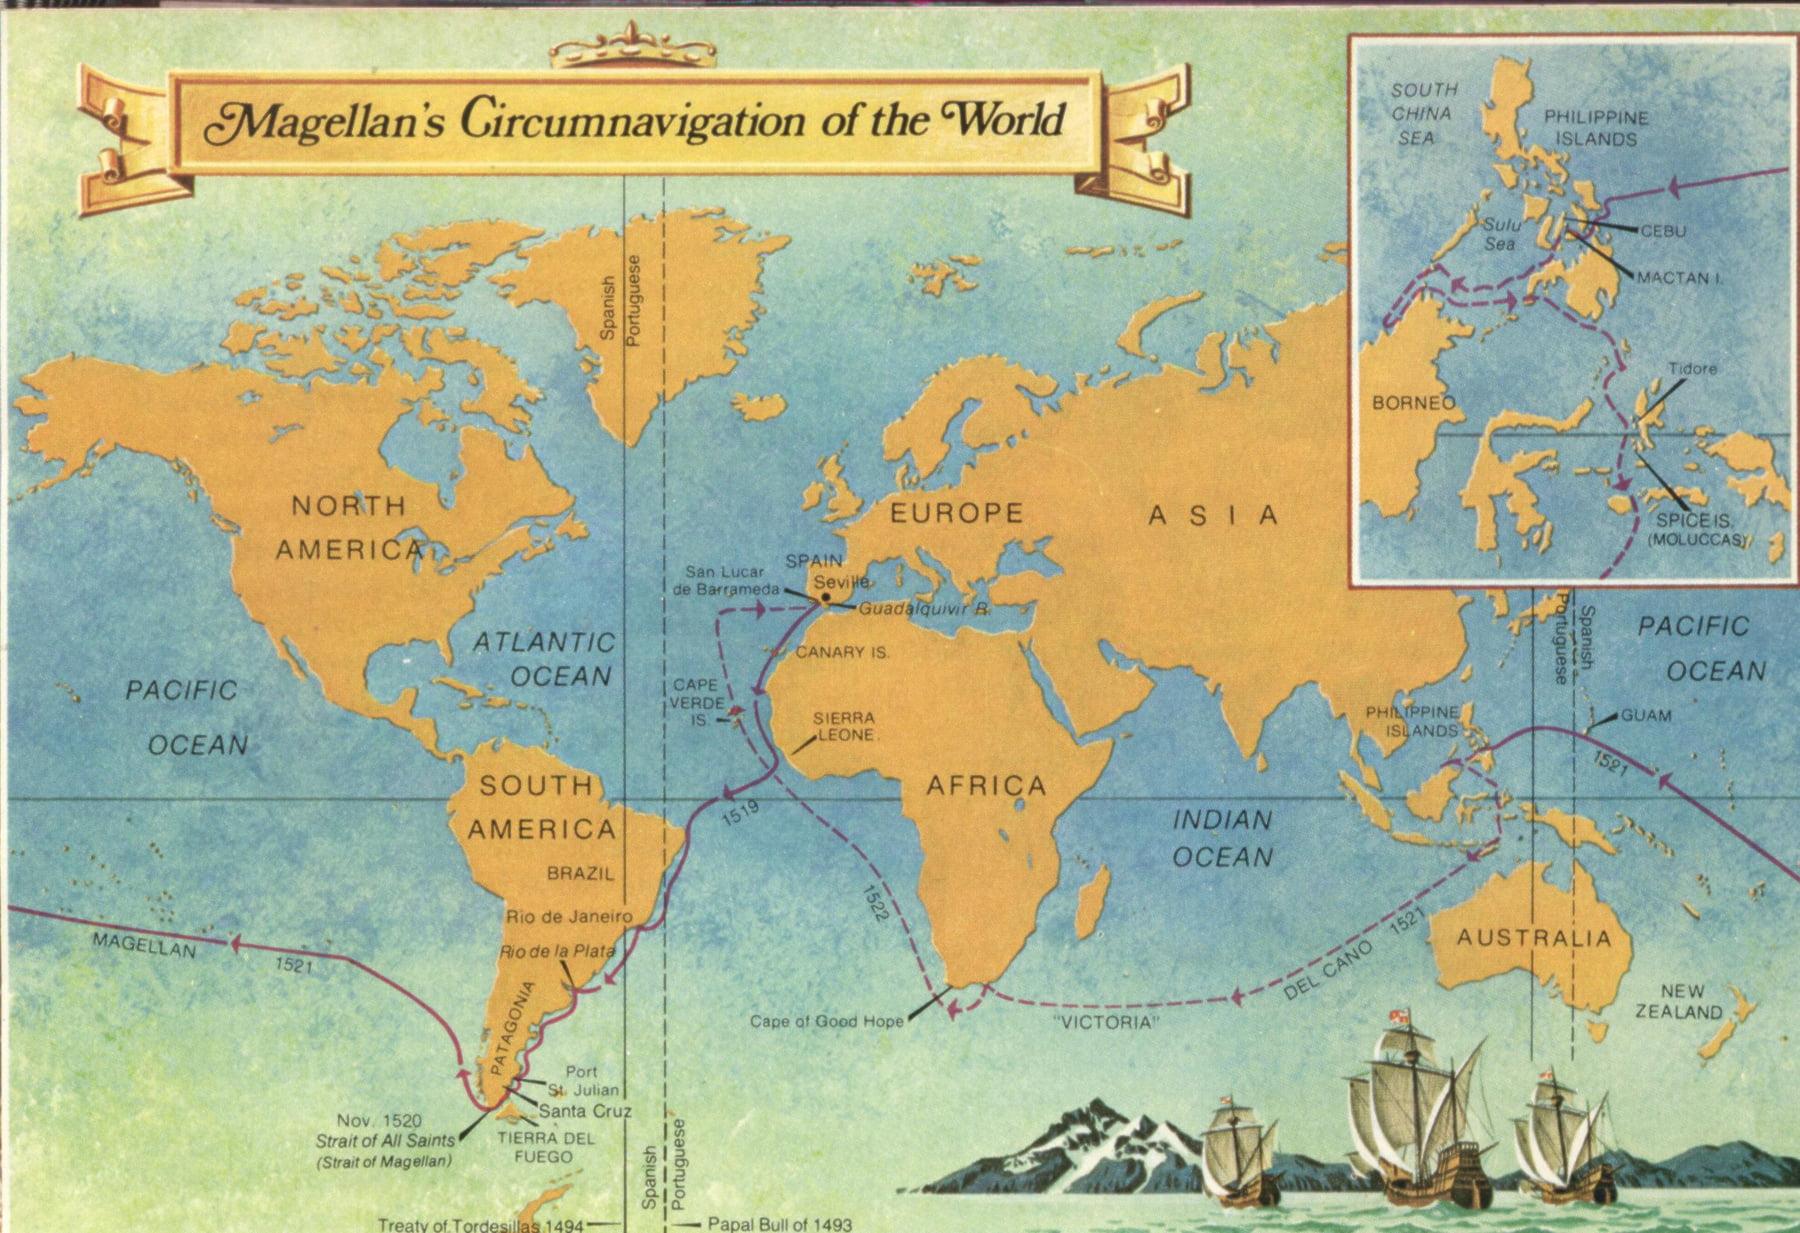 путь кругосветки фернана маггелана на карте